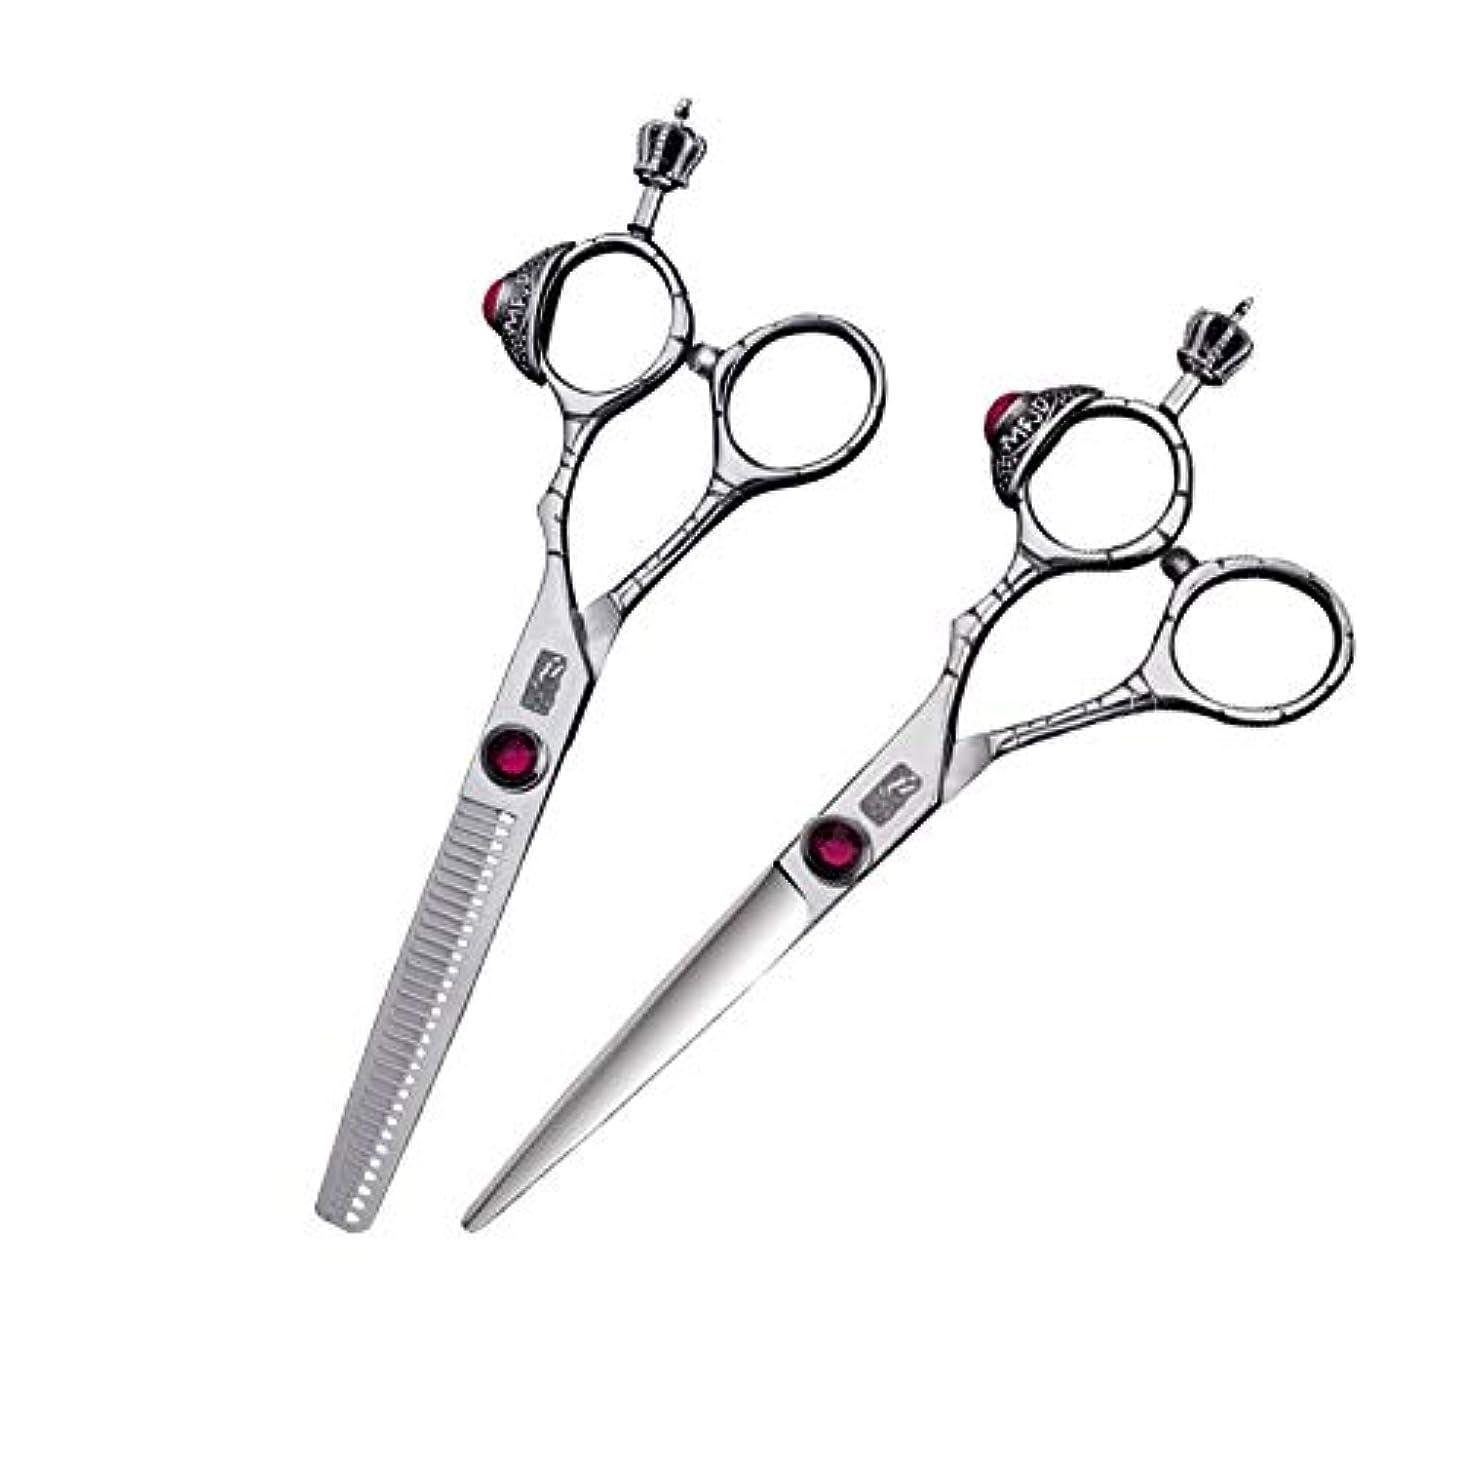 へこみアラームレベルシザー カットシザー ヘアカットはさみ、間伐はさみキット、プロの理髪師用はさみ(2本) ヘアカット シザー (Color : Black)